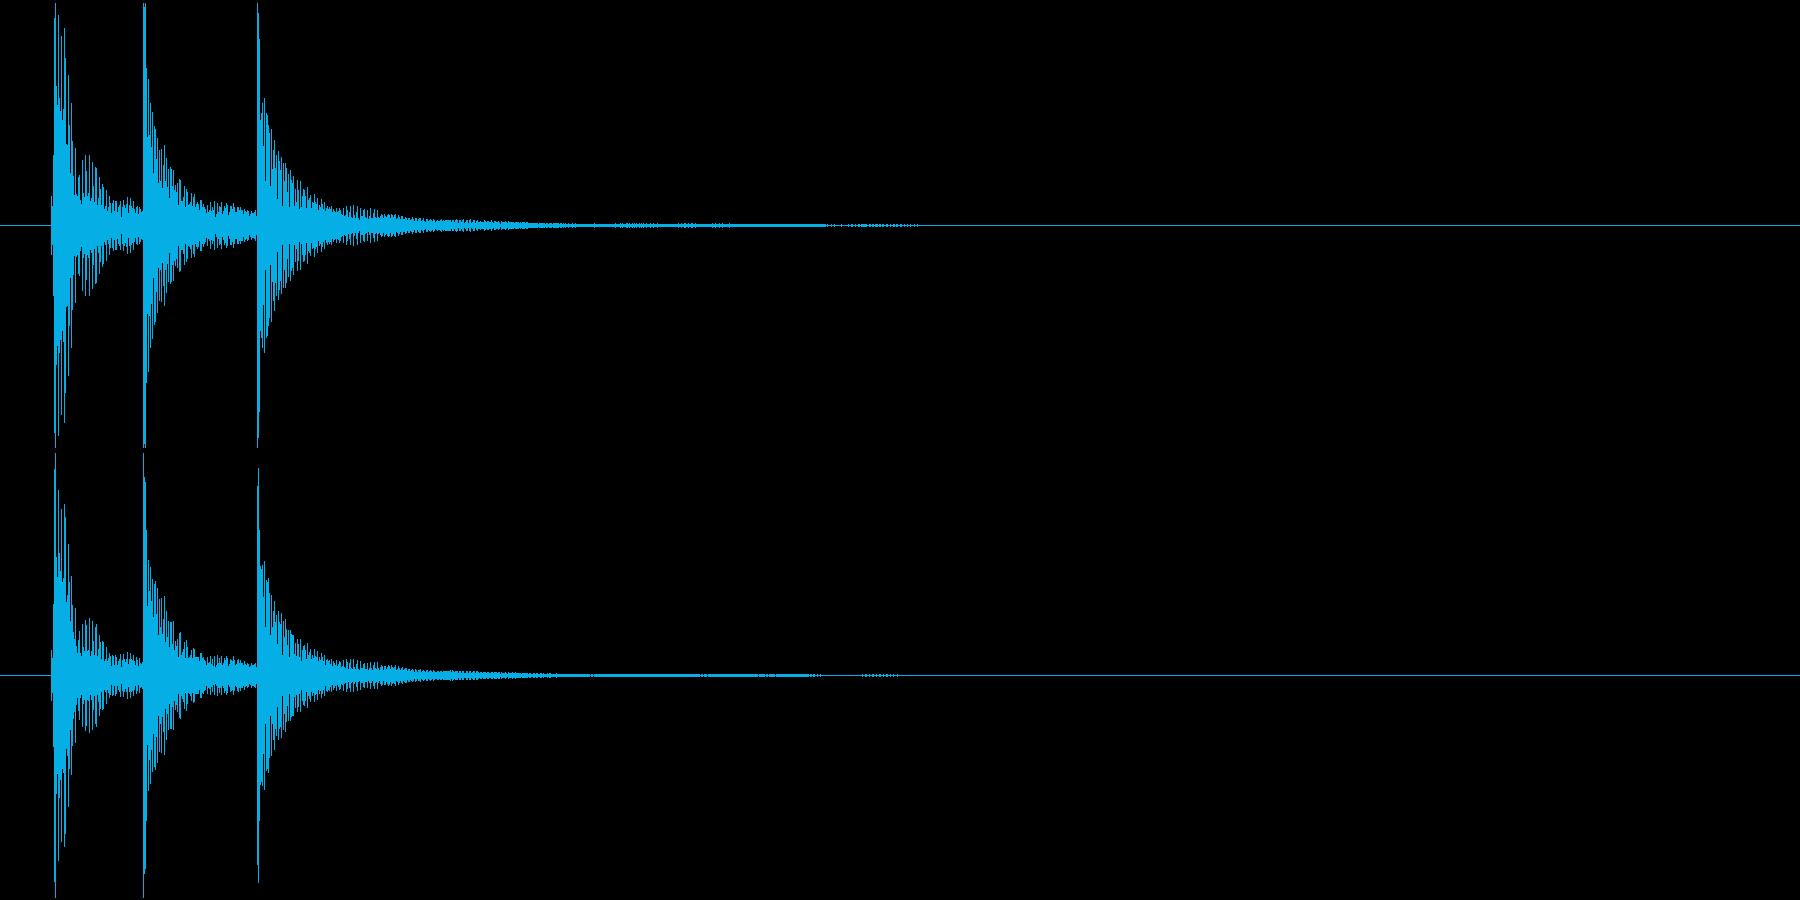 津軽三味線の生音(A-E-A音)の再生済みの波形